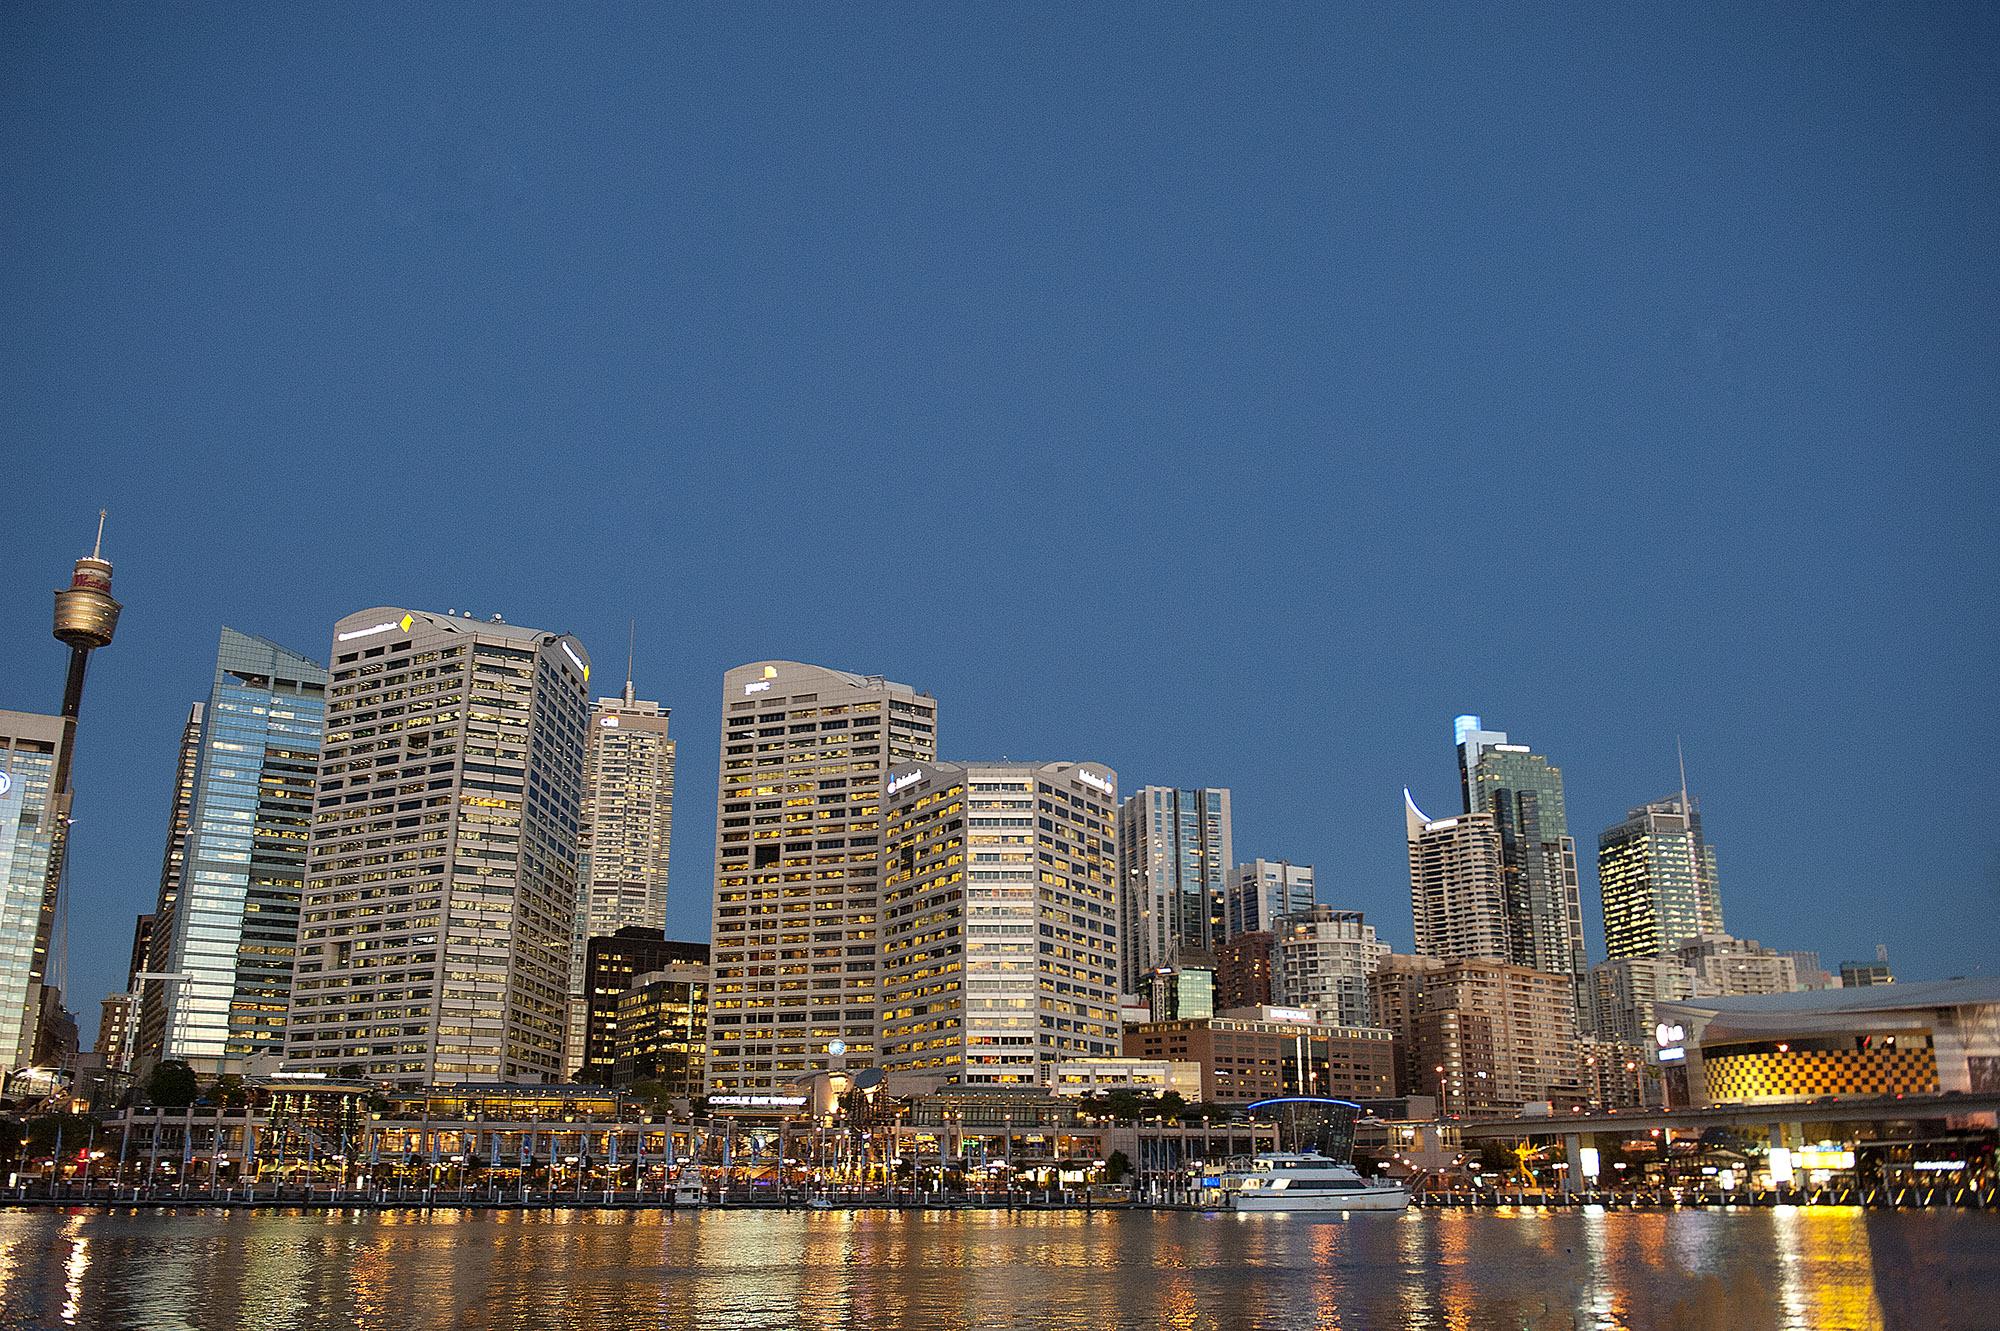 Sydneys Darling Harbour am frühen Abend